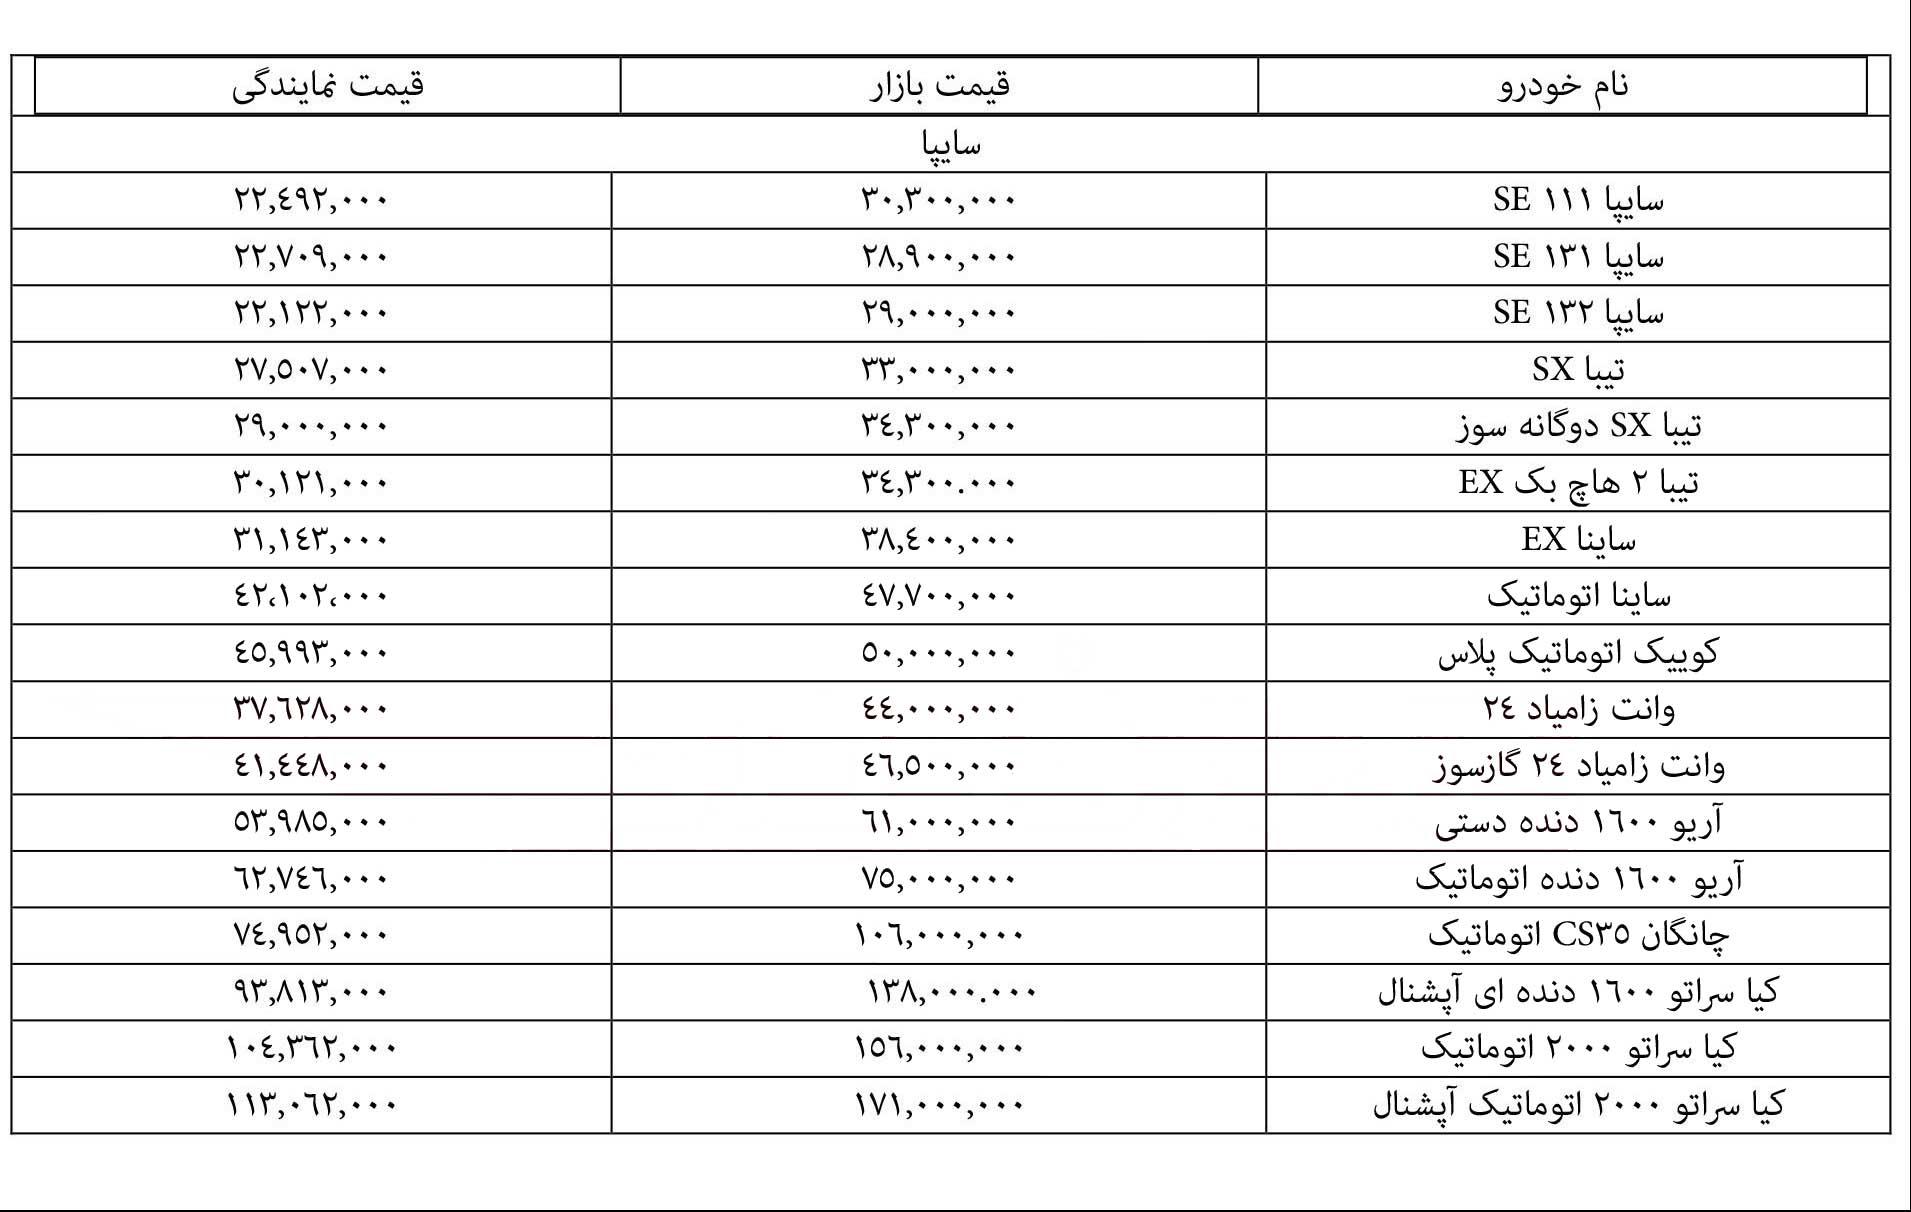 اعلام قیمت انواع محصولات سایپا